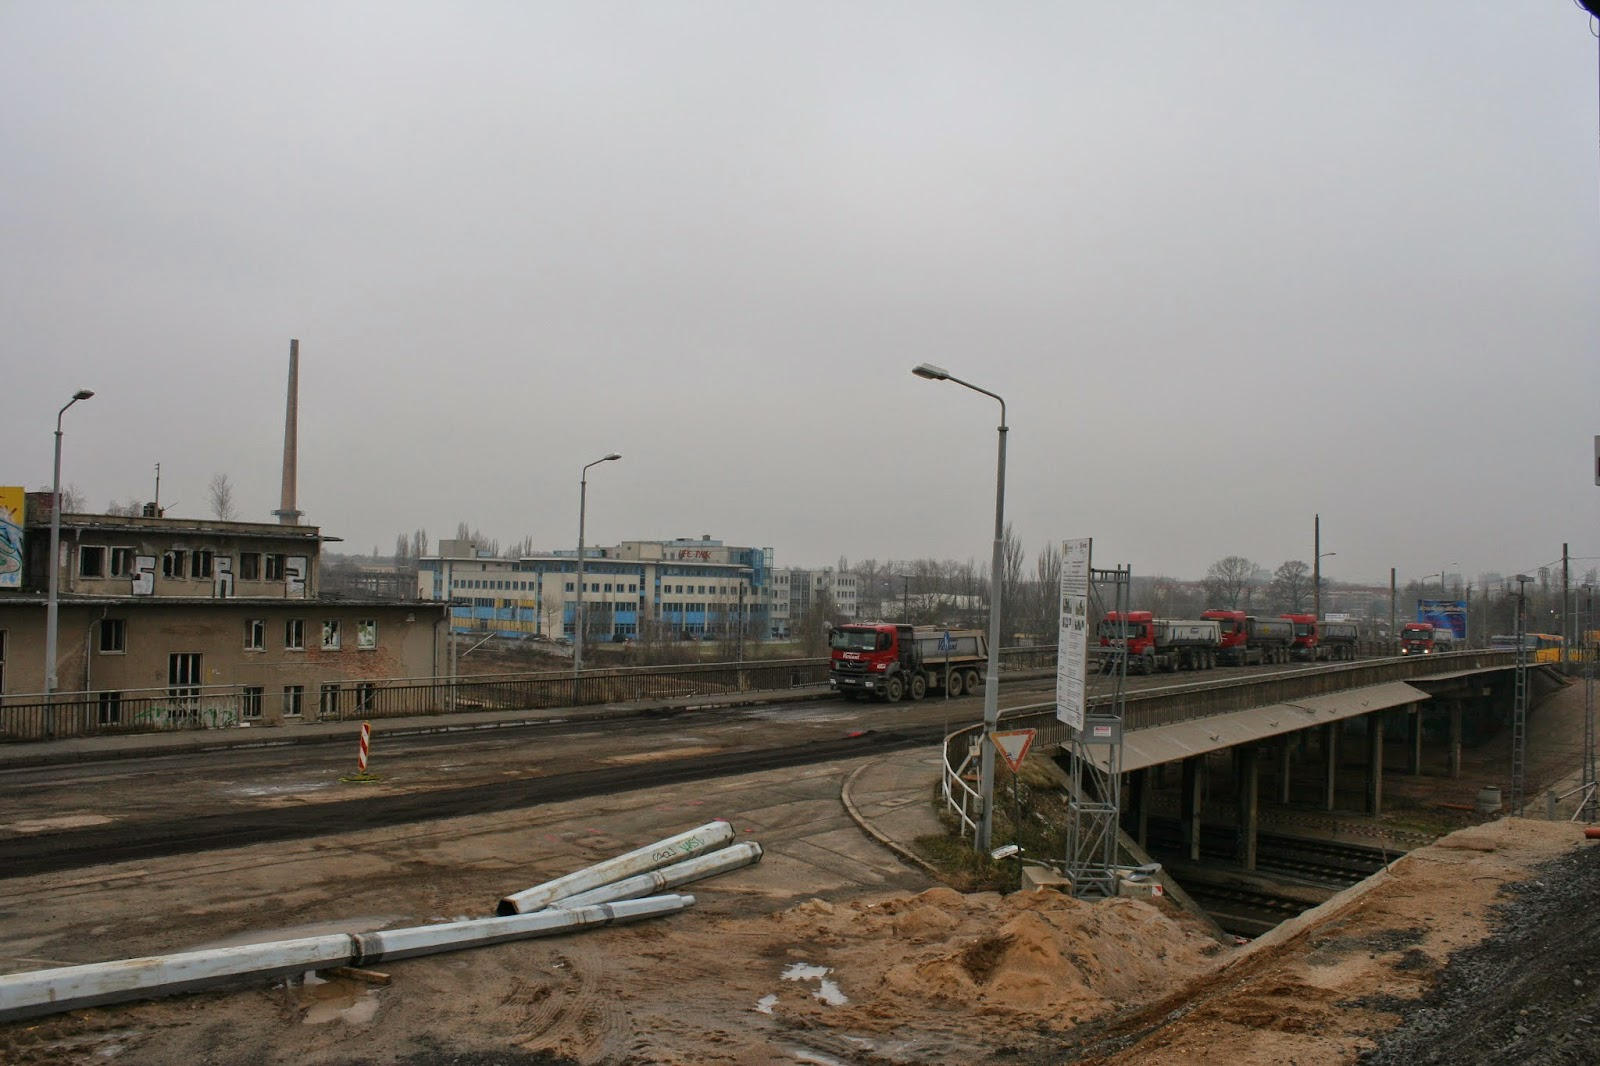 Die Antonienbrücke am 22.01.2015 in Richtung Grünau - die alten Straßenbahnschienen sind schon raus, offensichtlich wird der Beton abgetragen